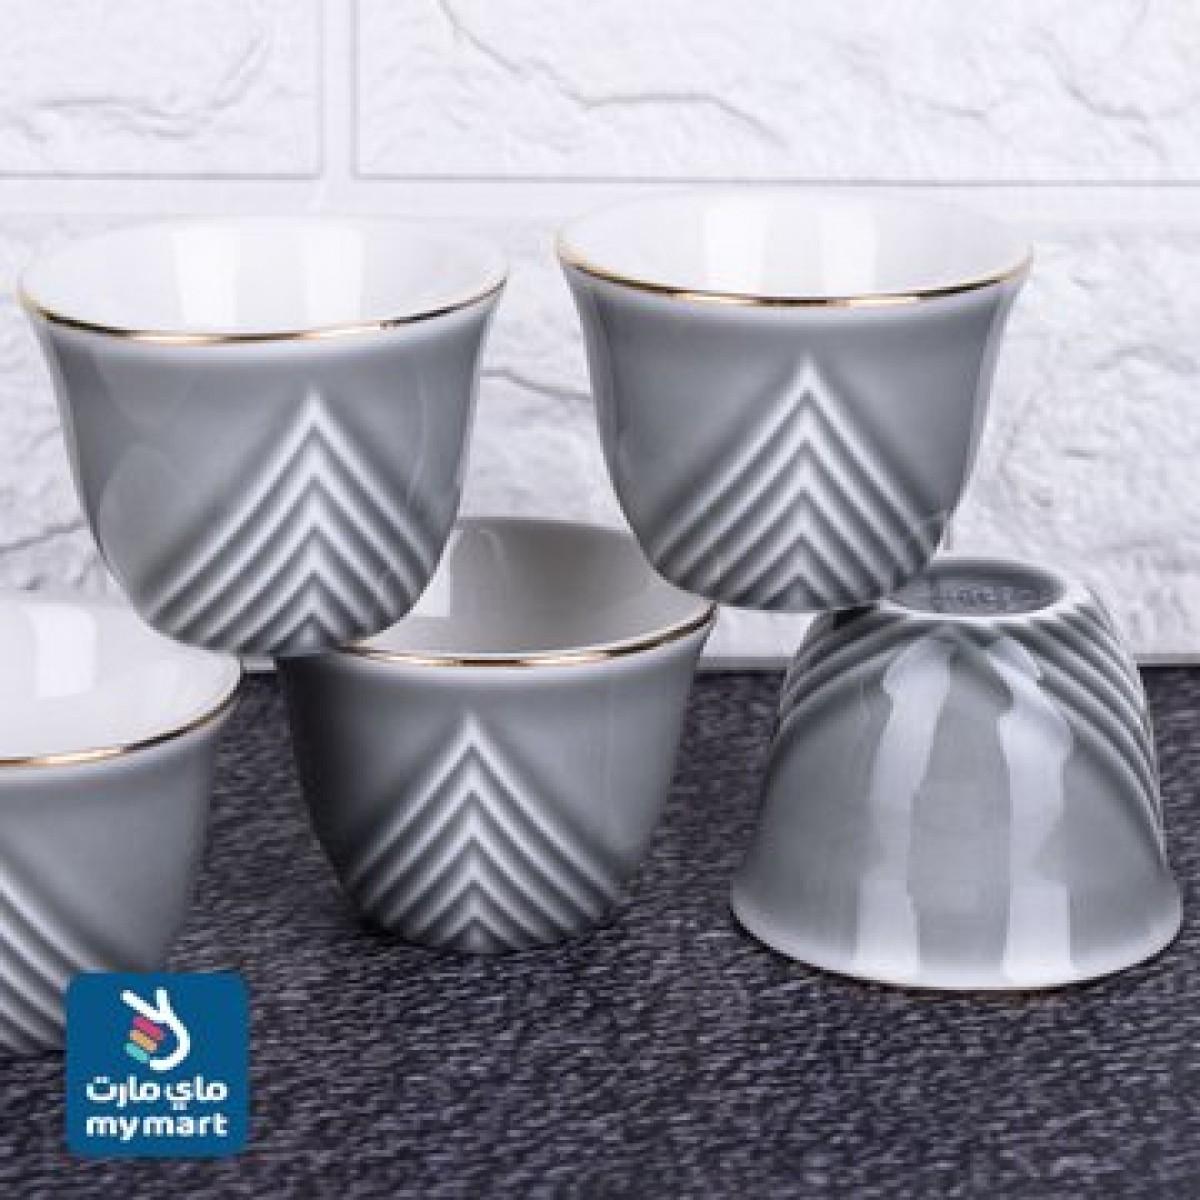 طقم فناجين قهوة  سيراميك 12 فنجان  موديل K692234/3